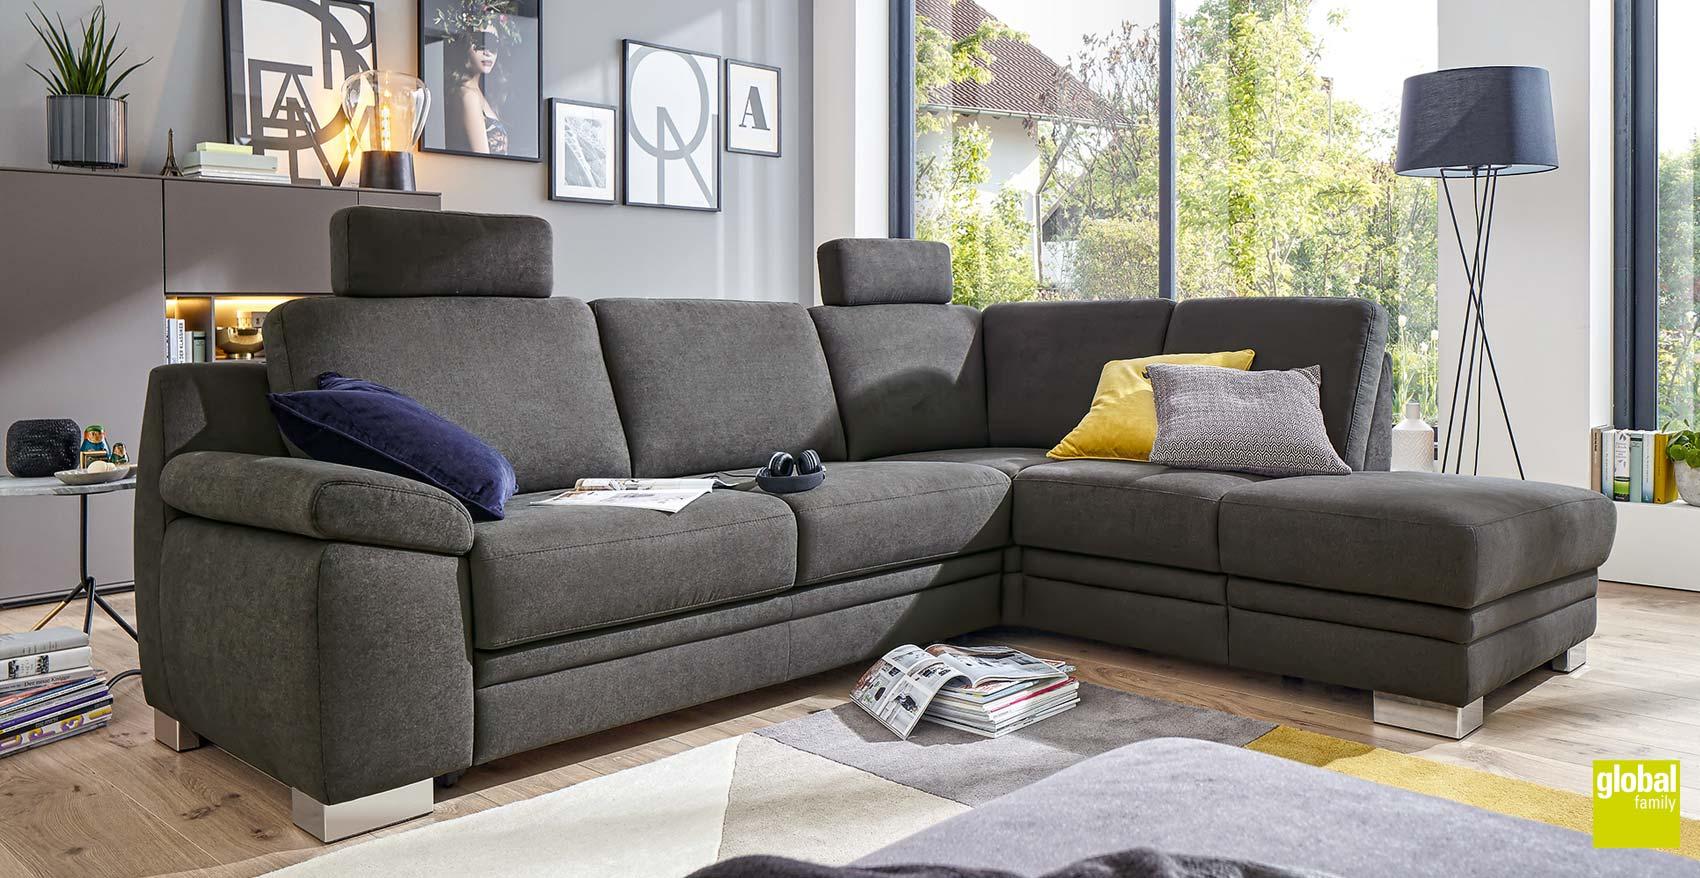 global tavira von global wohnen in norden ot neustadt nahe emden wilhelmshafen und bremerhaven. Black Bedroom Furniture Sets. Home Design Ideas